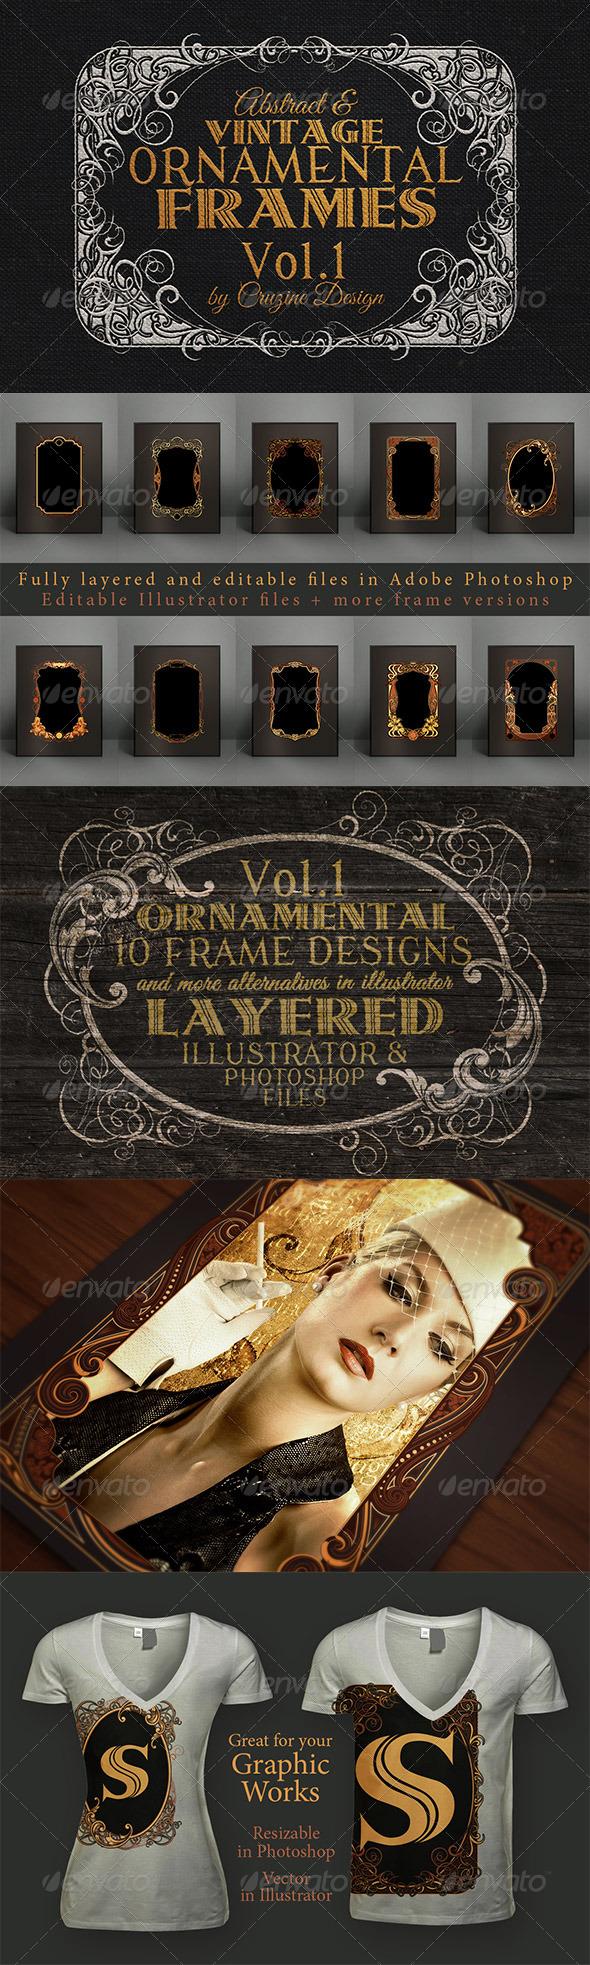 Decorative Graphic Frames & Borders - GraphicRiver